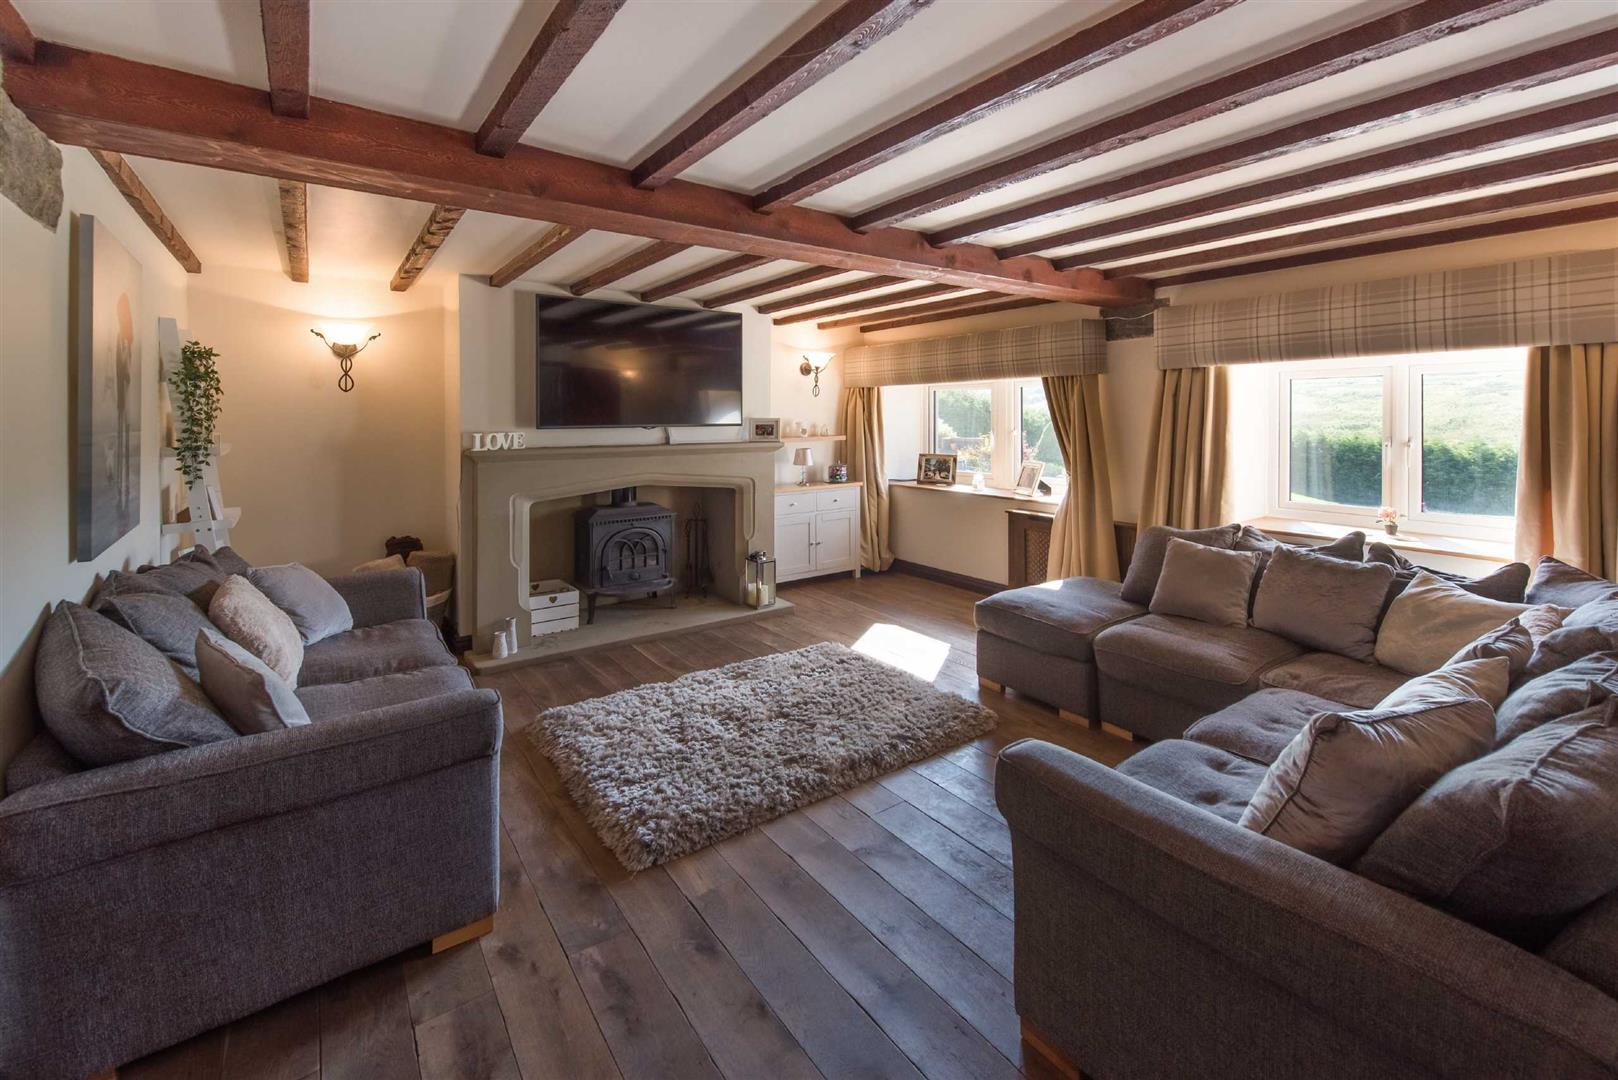 5 Bedroom Link Detached House For Sale - Image 3